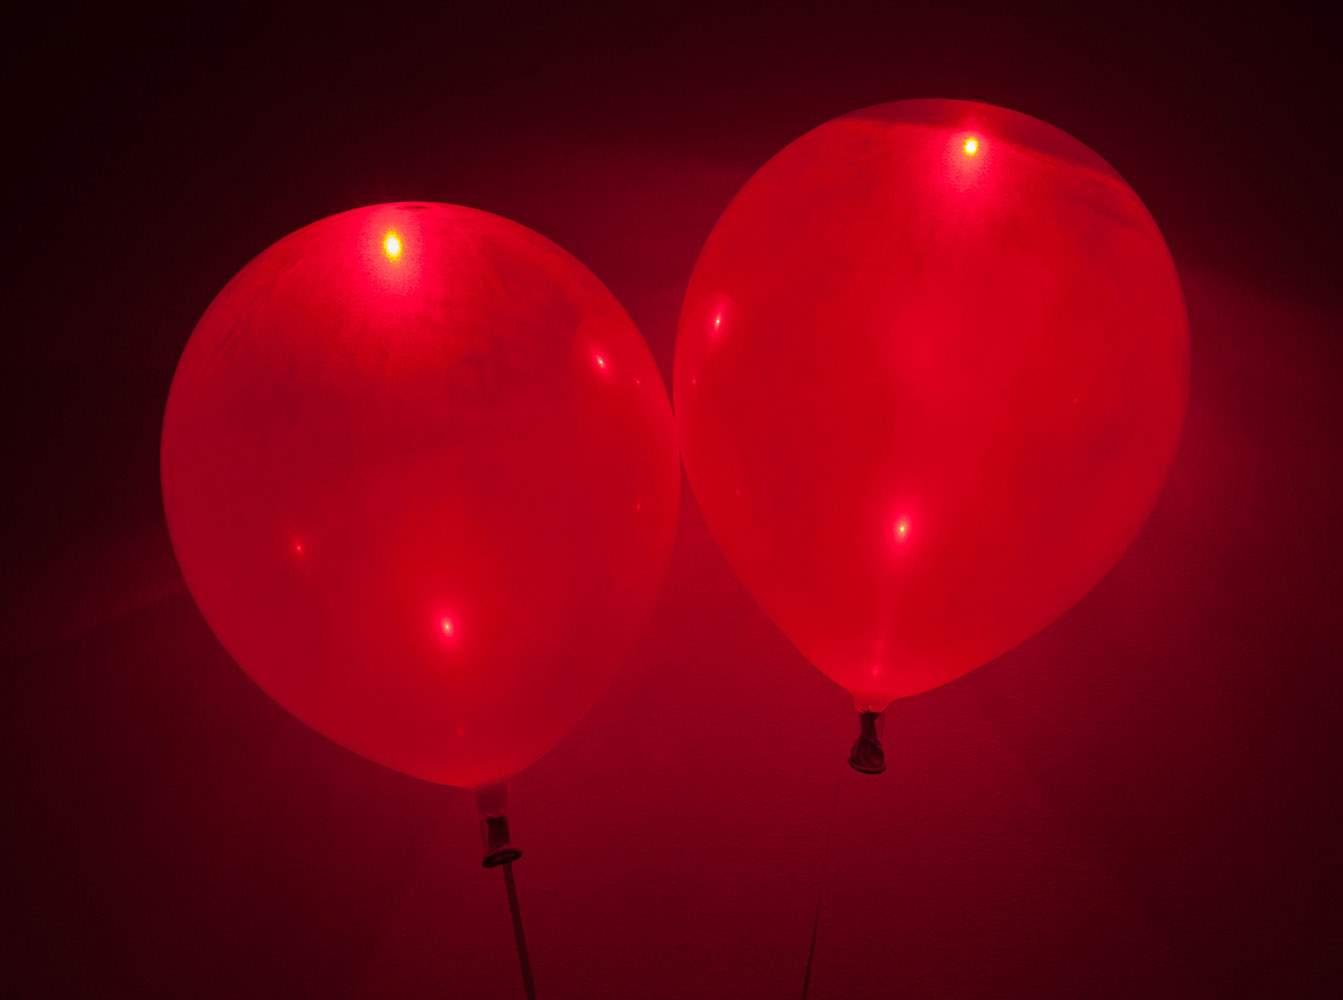 Κόκκινο Μπαλόνι με φωτάκι LED (5 τεμ) φωτεινά μπαλόνια